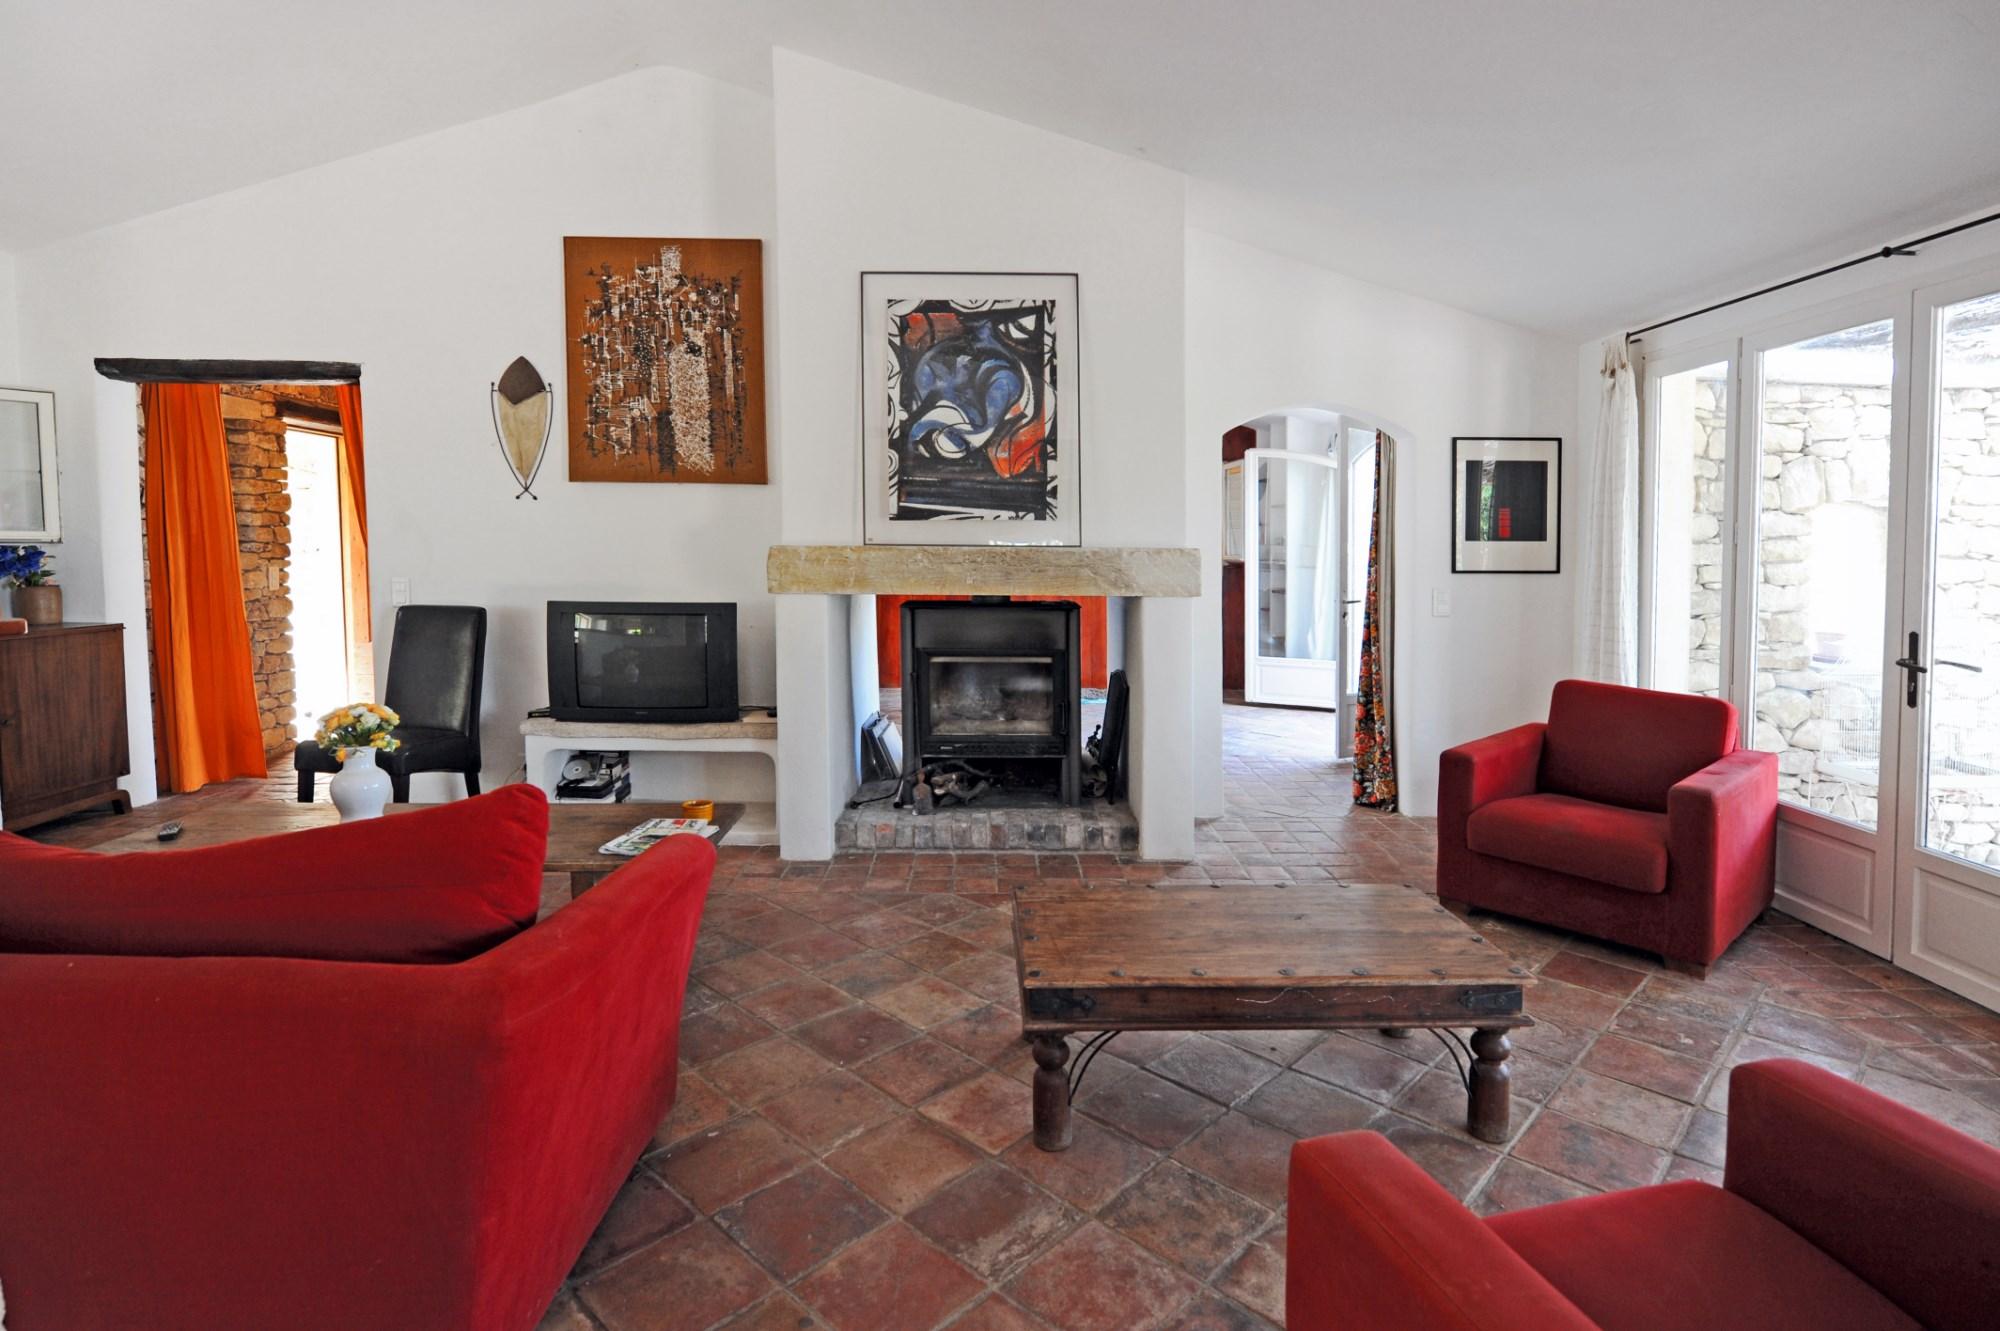 En vente,  en Luberon, maison en pierres de pays avec piscine et vues sur la vallée